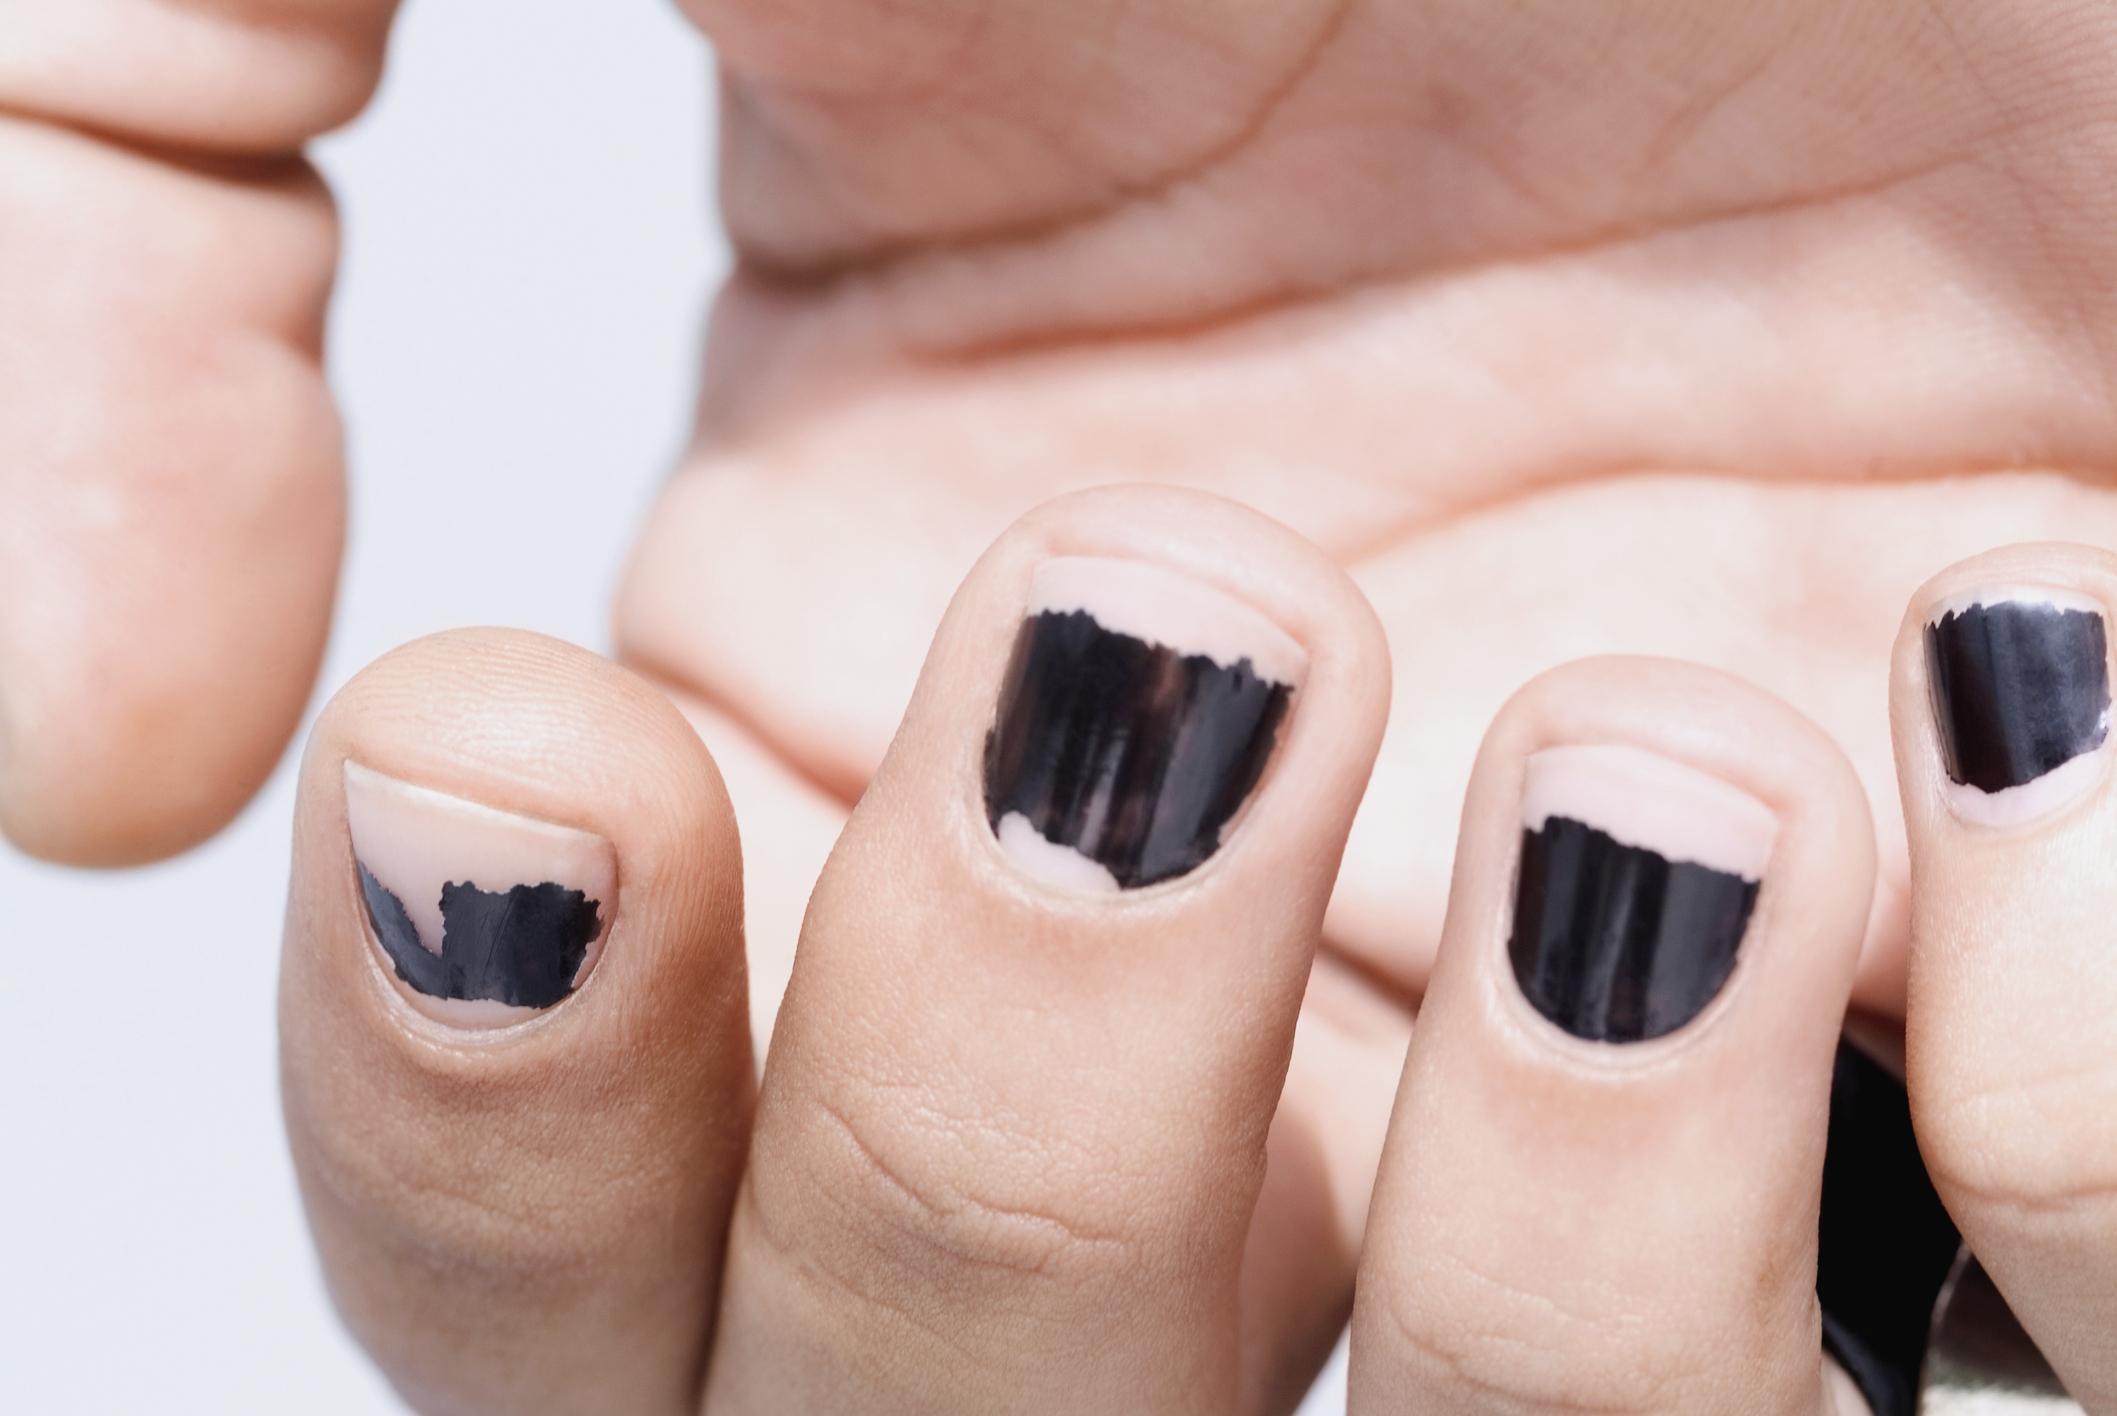 comerte el esmalte de las uñas